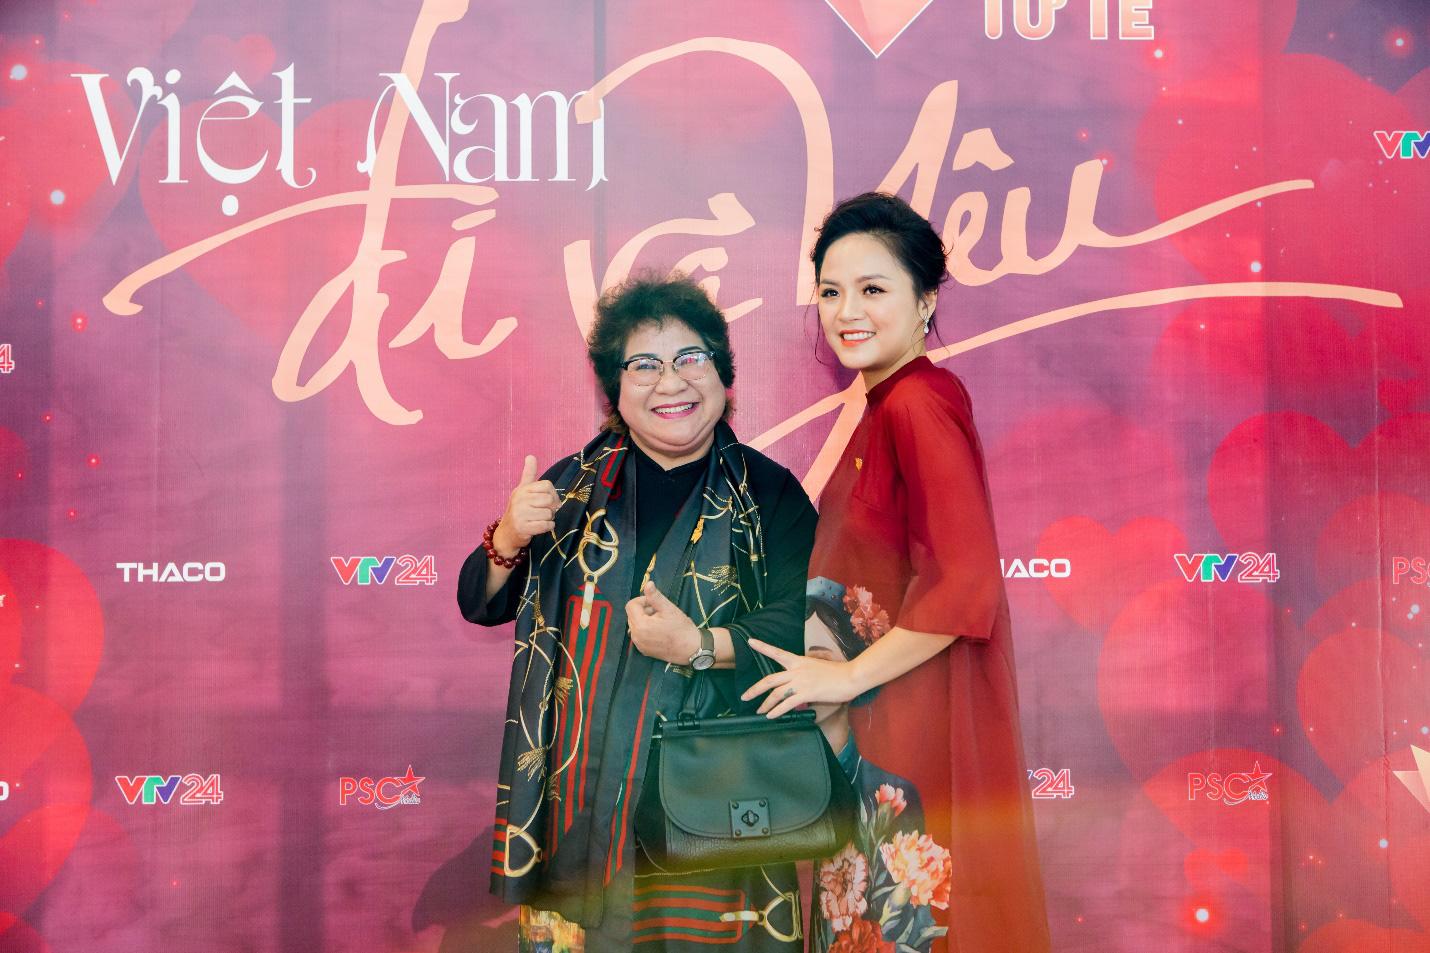 """Dàn sao VTV xúc động nghẹn ngào tại Gala Việc tử tế: """"Cho yêu thương, nhận yêu thương"""" - Ảnh 3."""